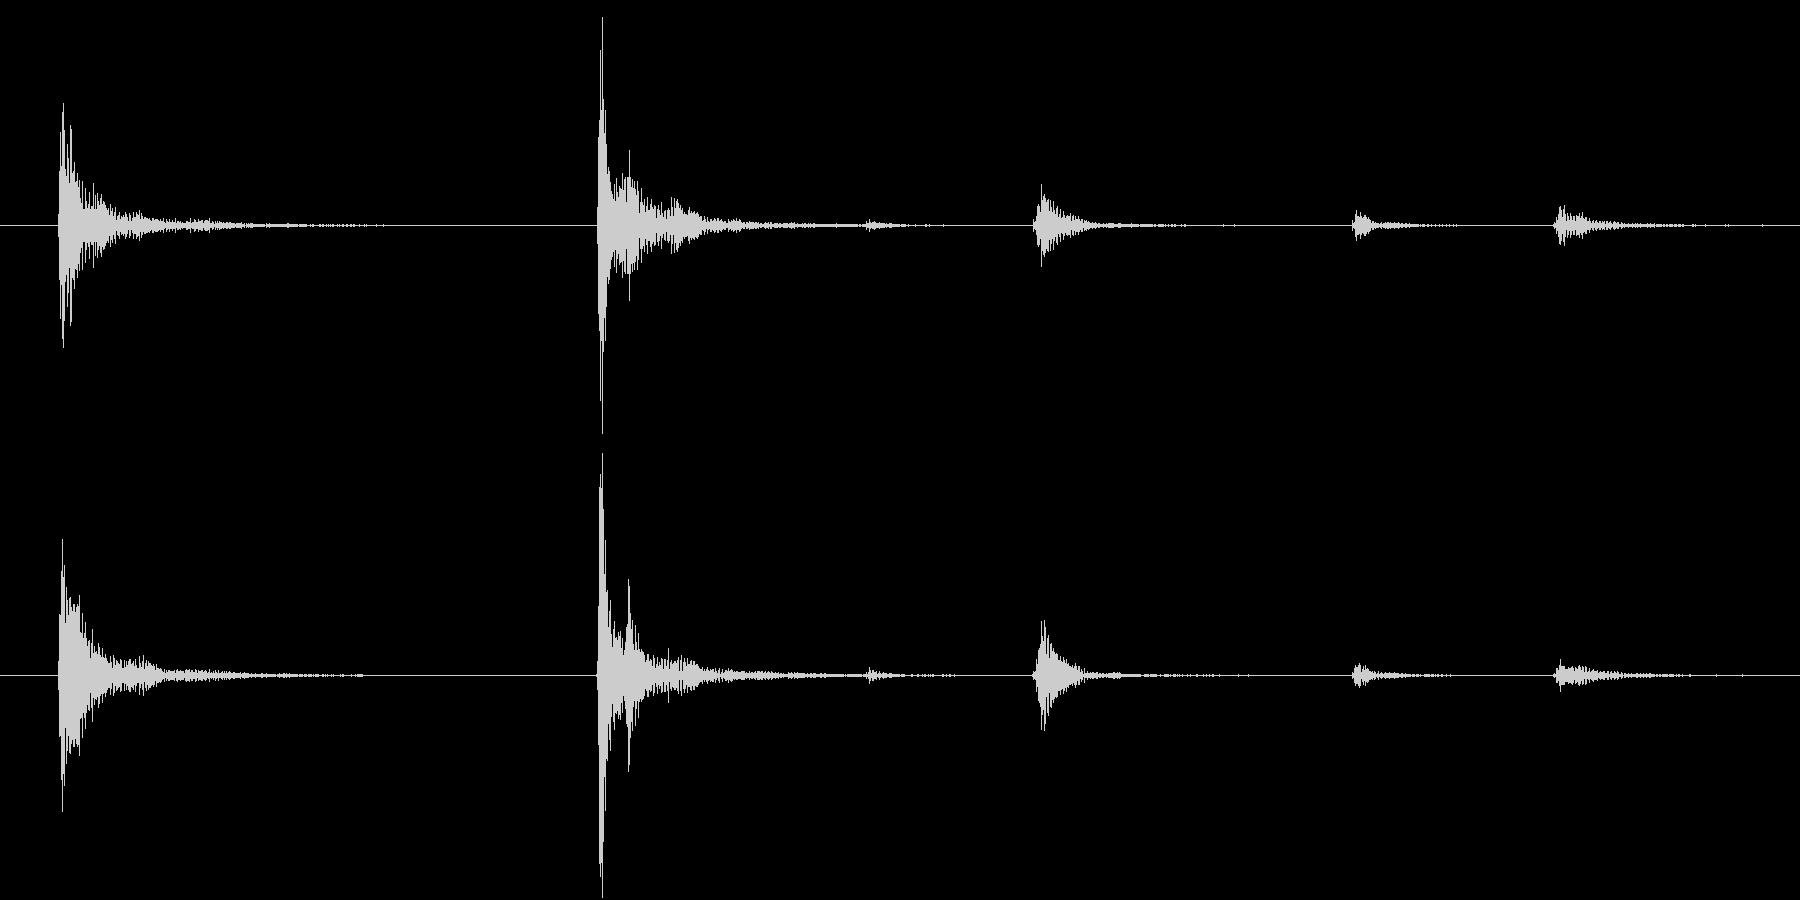 【生録音】お箸の音 25 手に取る 持つの未再生の波形